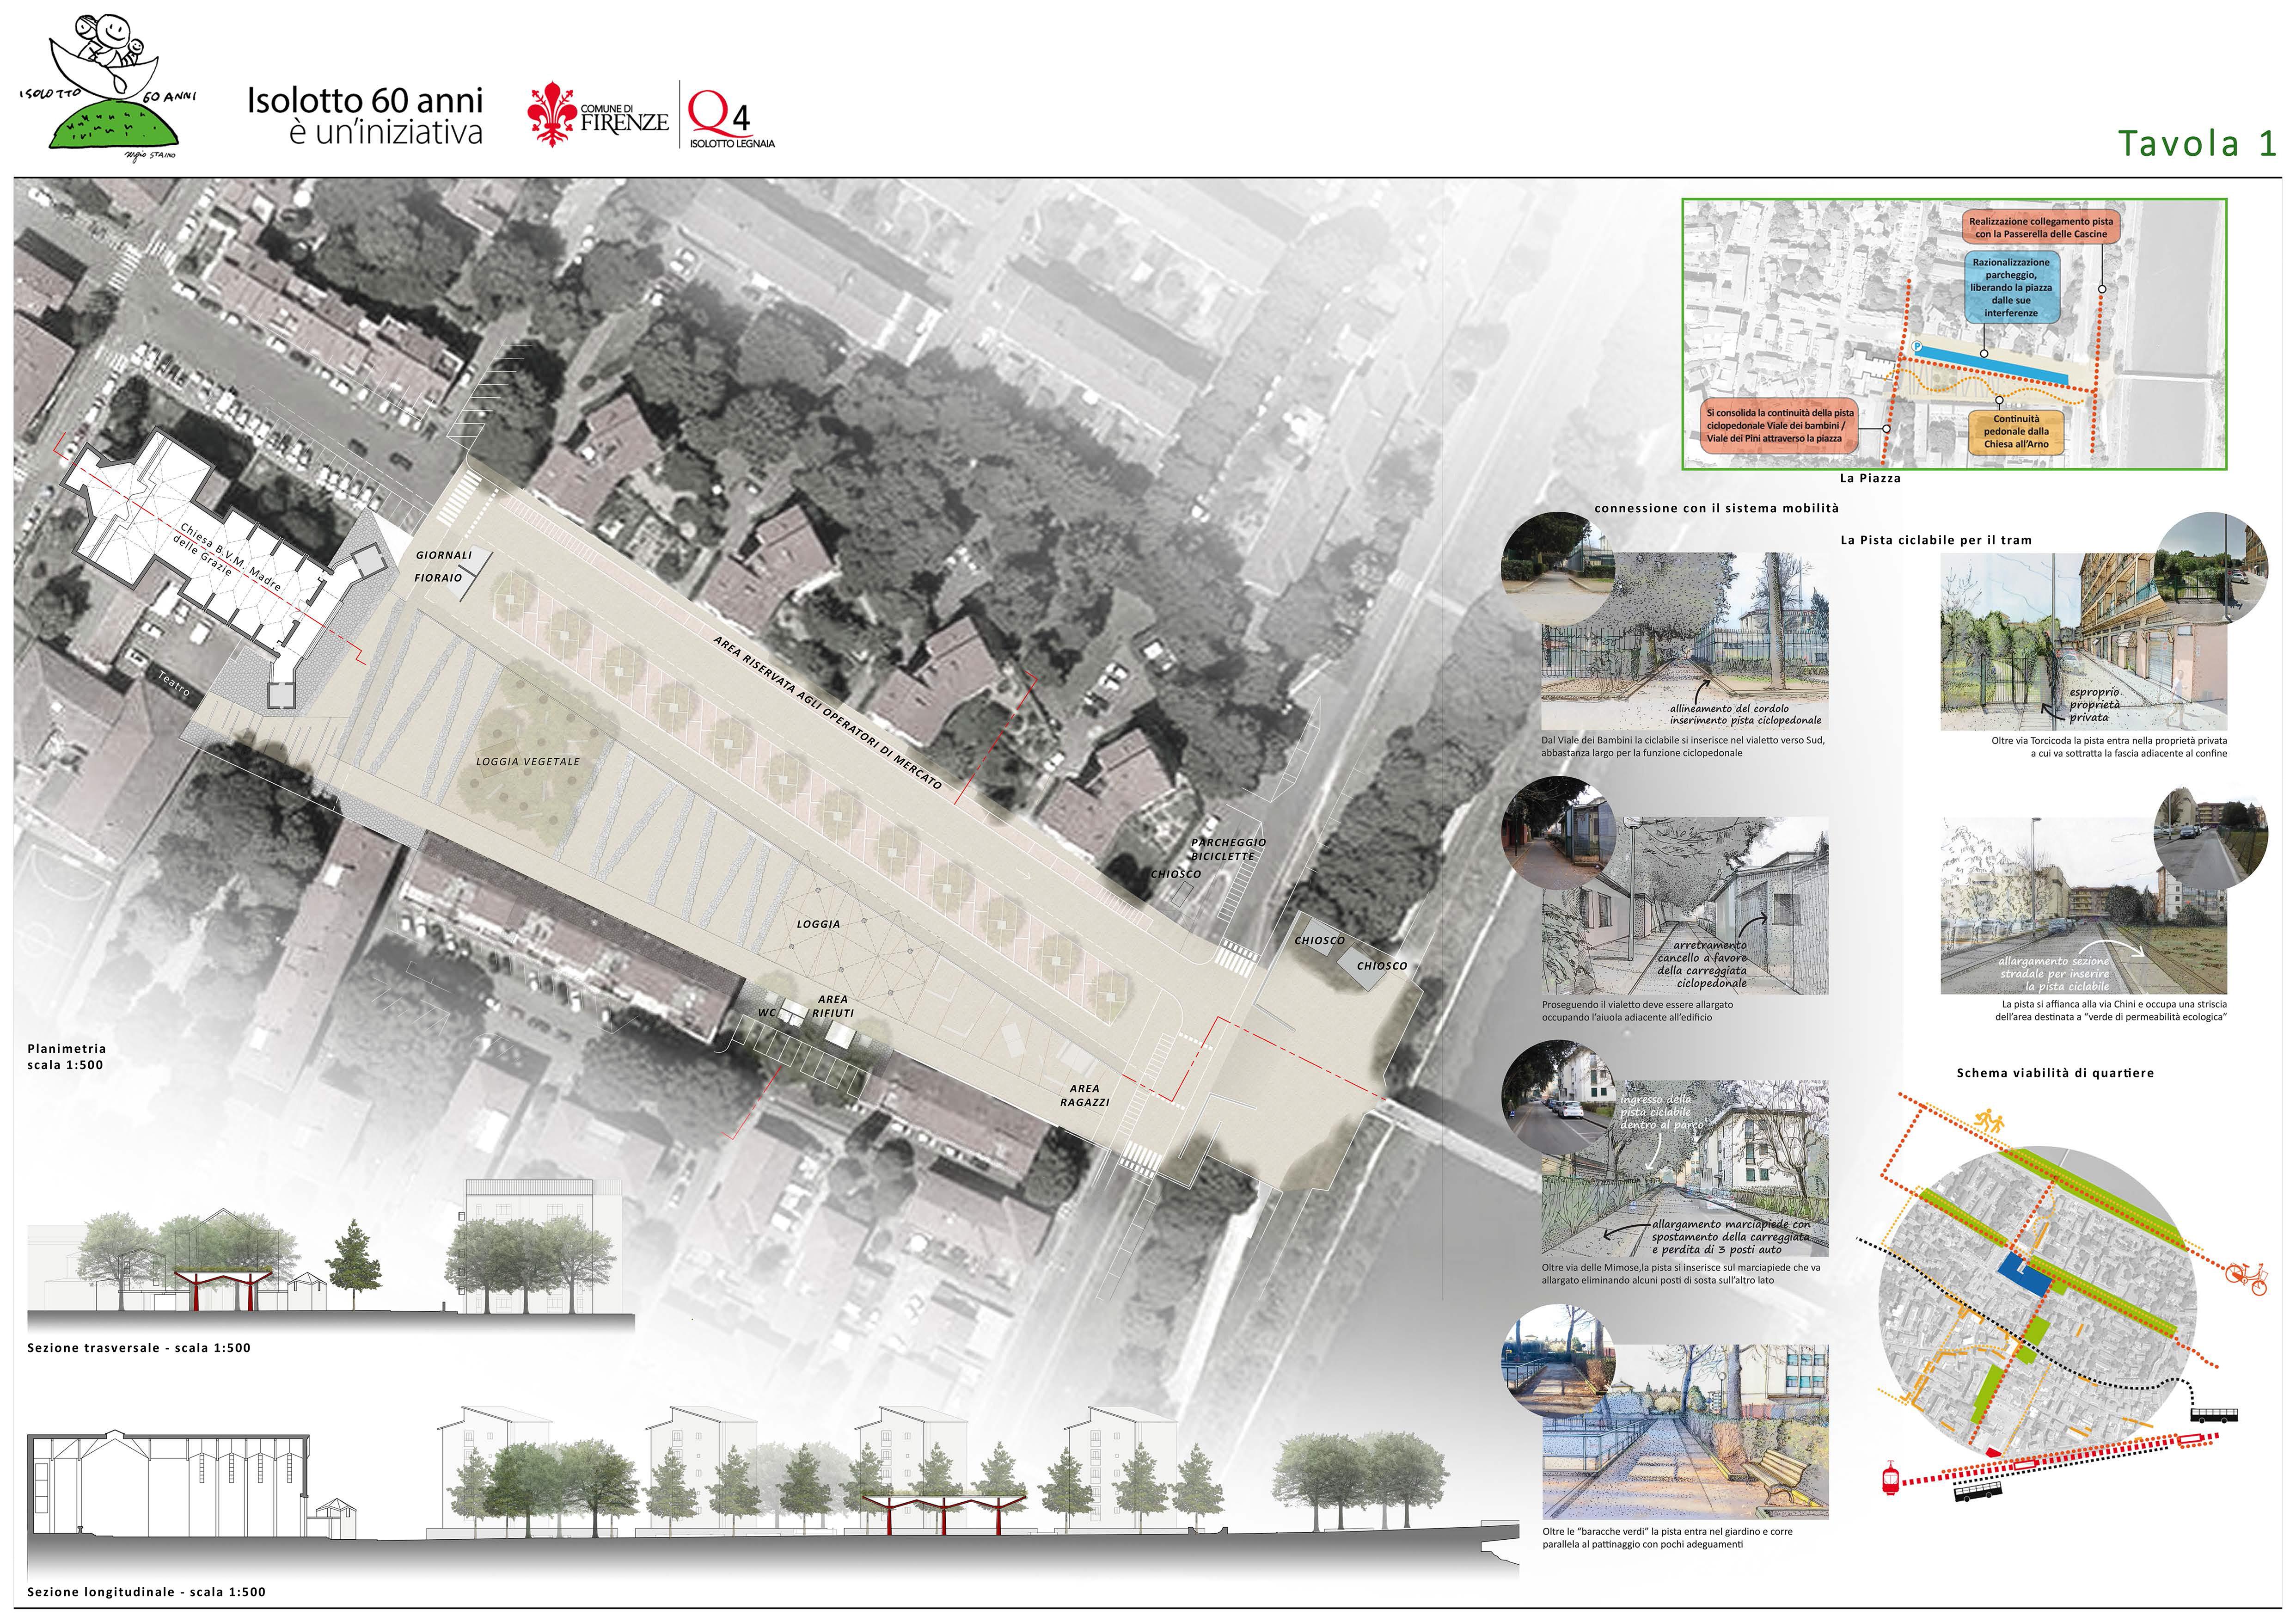 Piazza isolotto francesco barbagli architetto - Tavola valdese progetti approvati 2015 ...